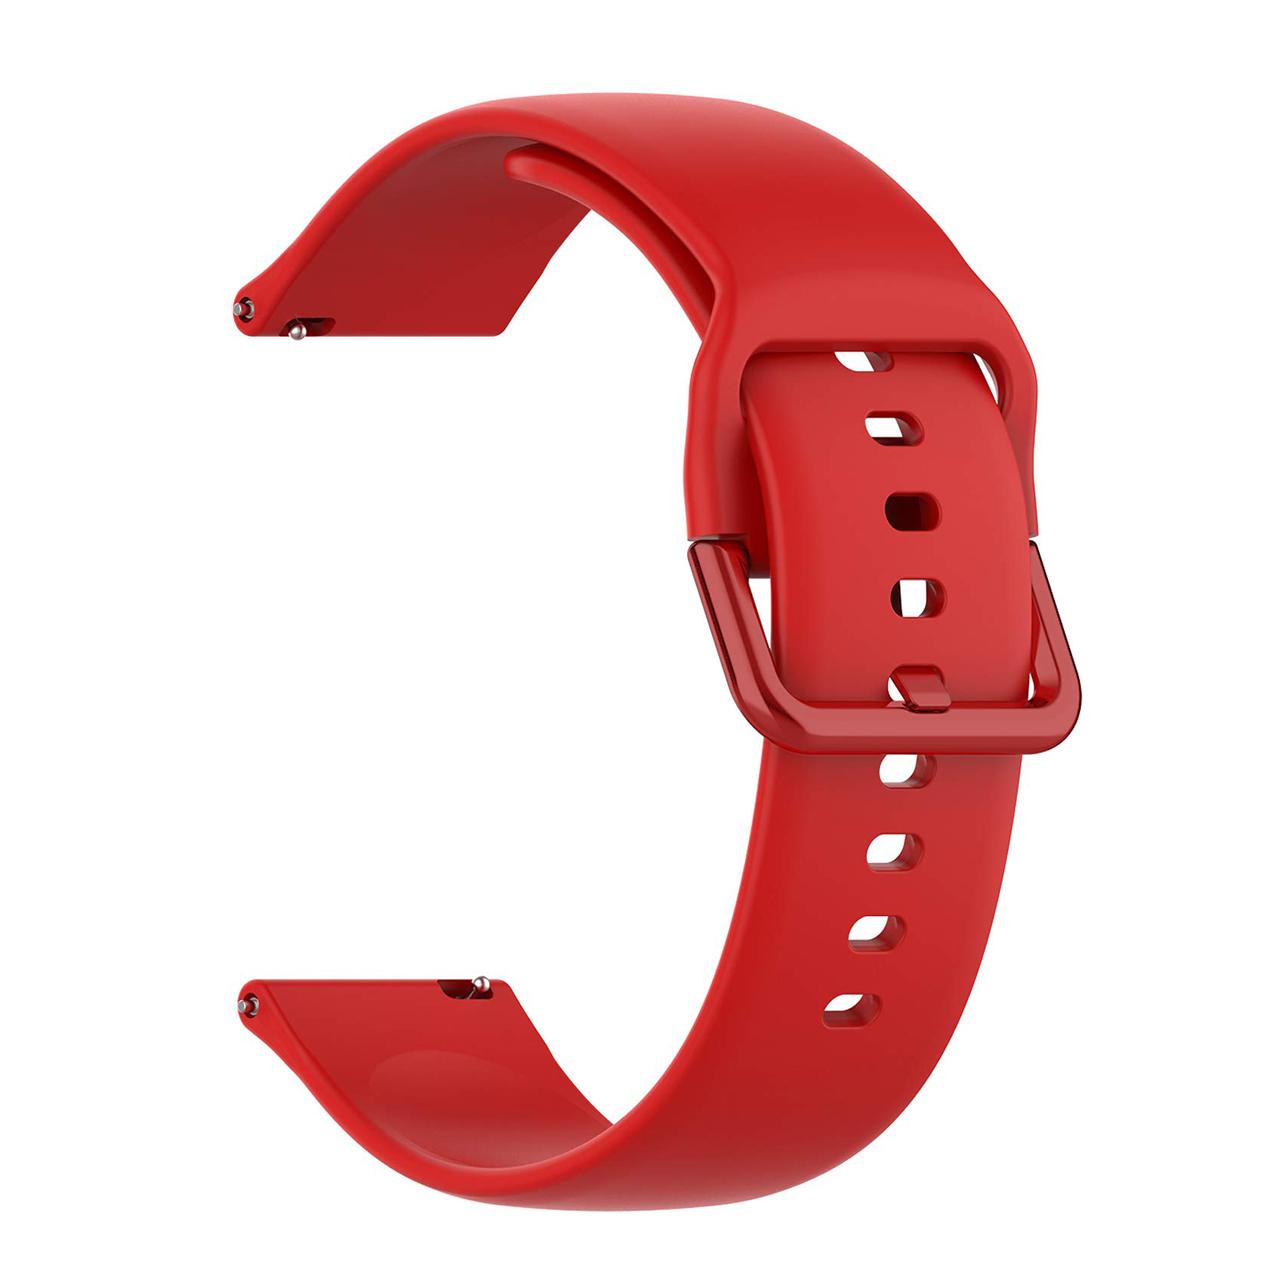 بند مدل Ac-01 مناسب برای ساعت هوشمند سامسونگ Galaxy Watch Active 2